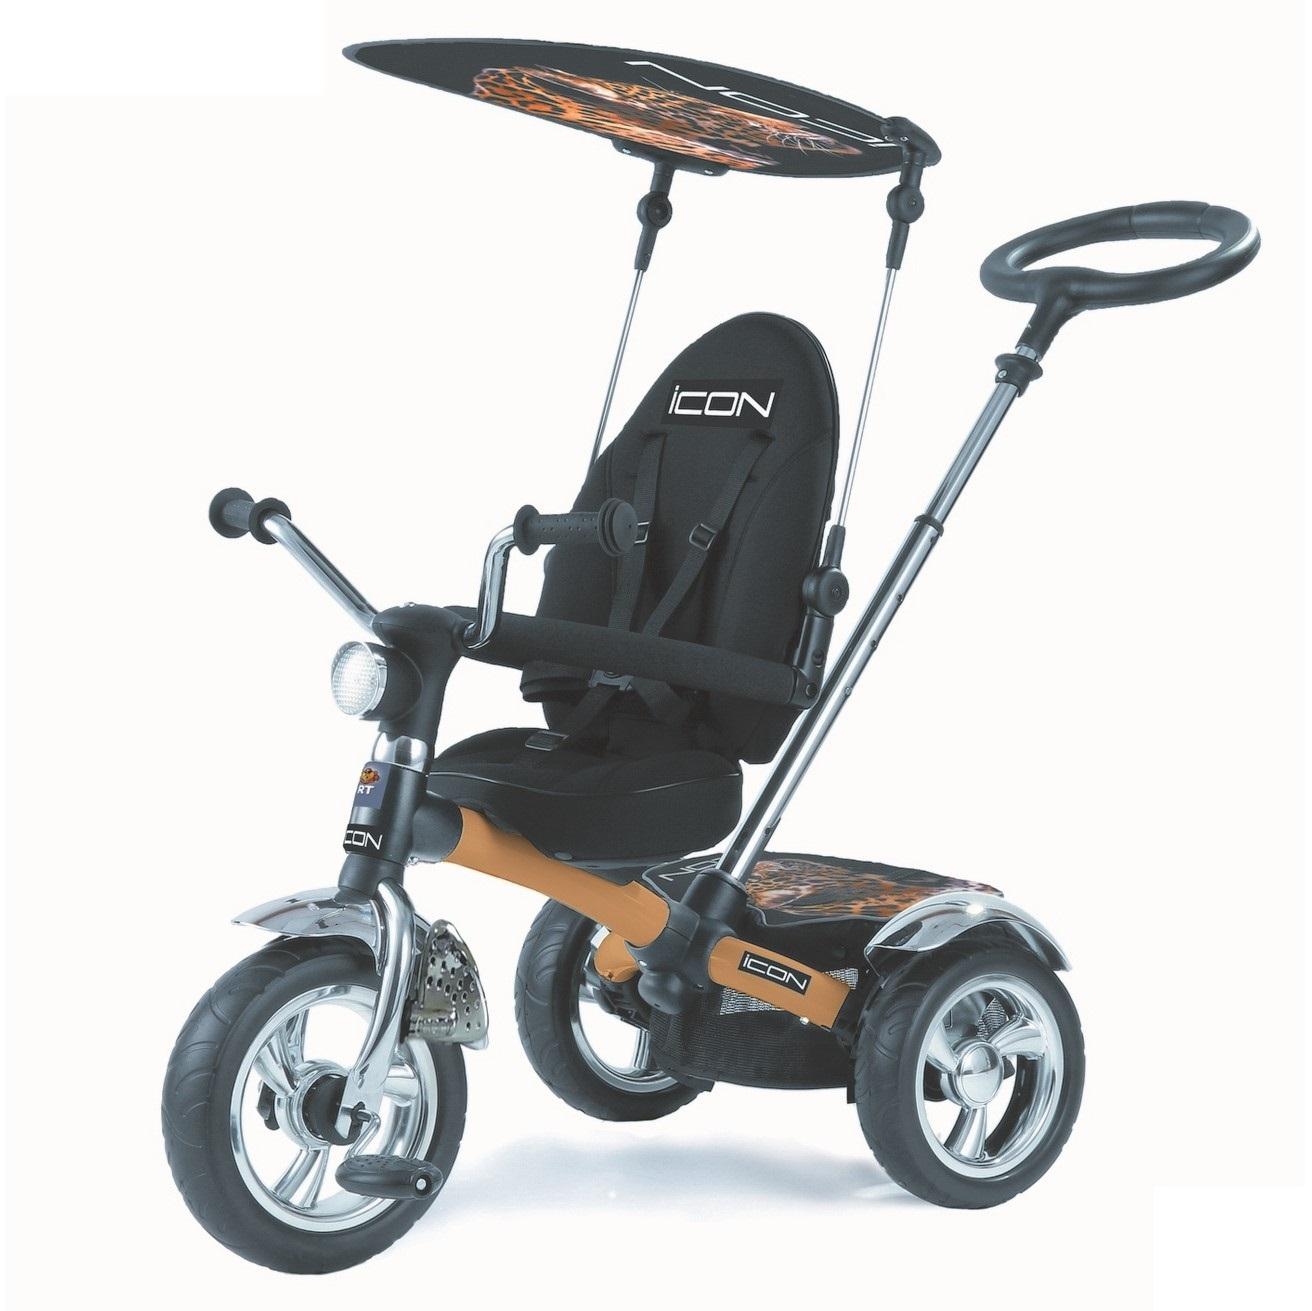 Купить ICON Трёхколёсный велосипед Lexus trike original 3 RT , цвет cream gepard 4033, Китай